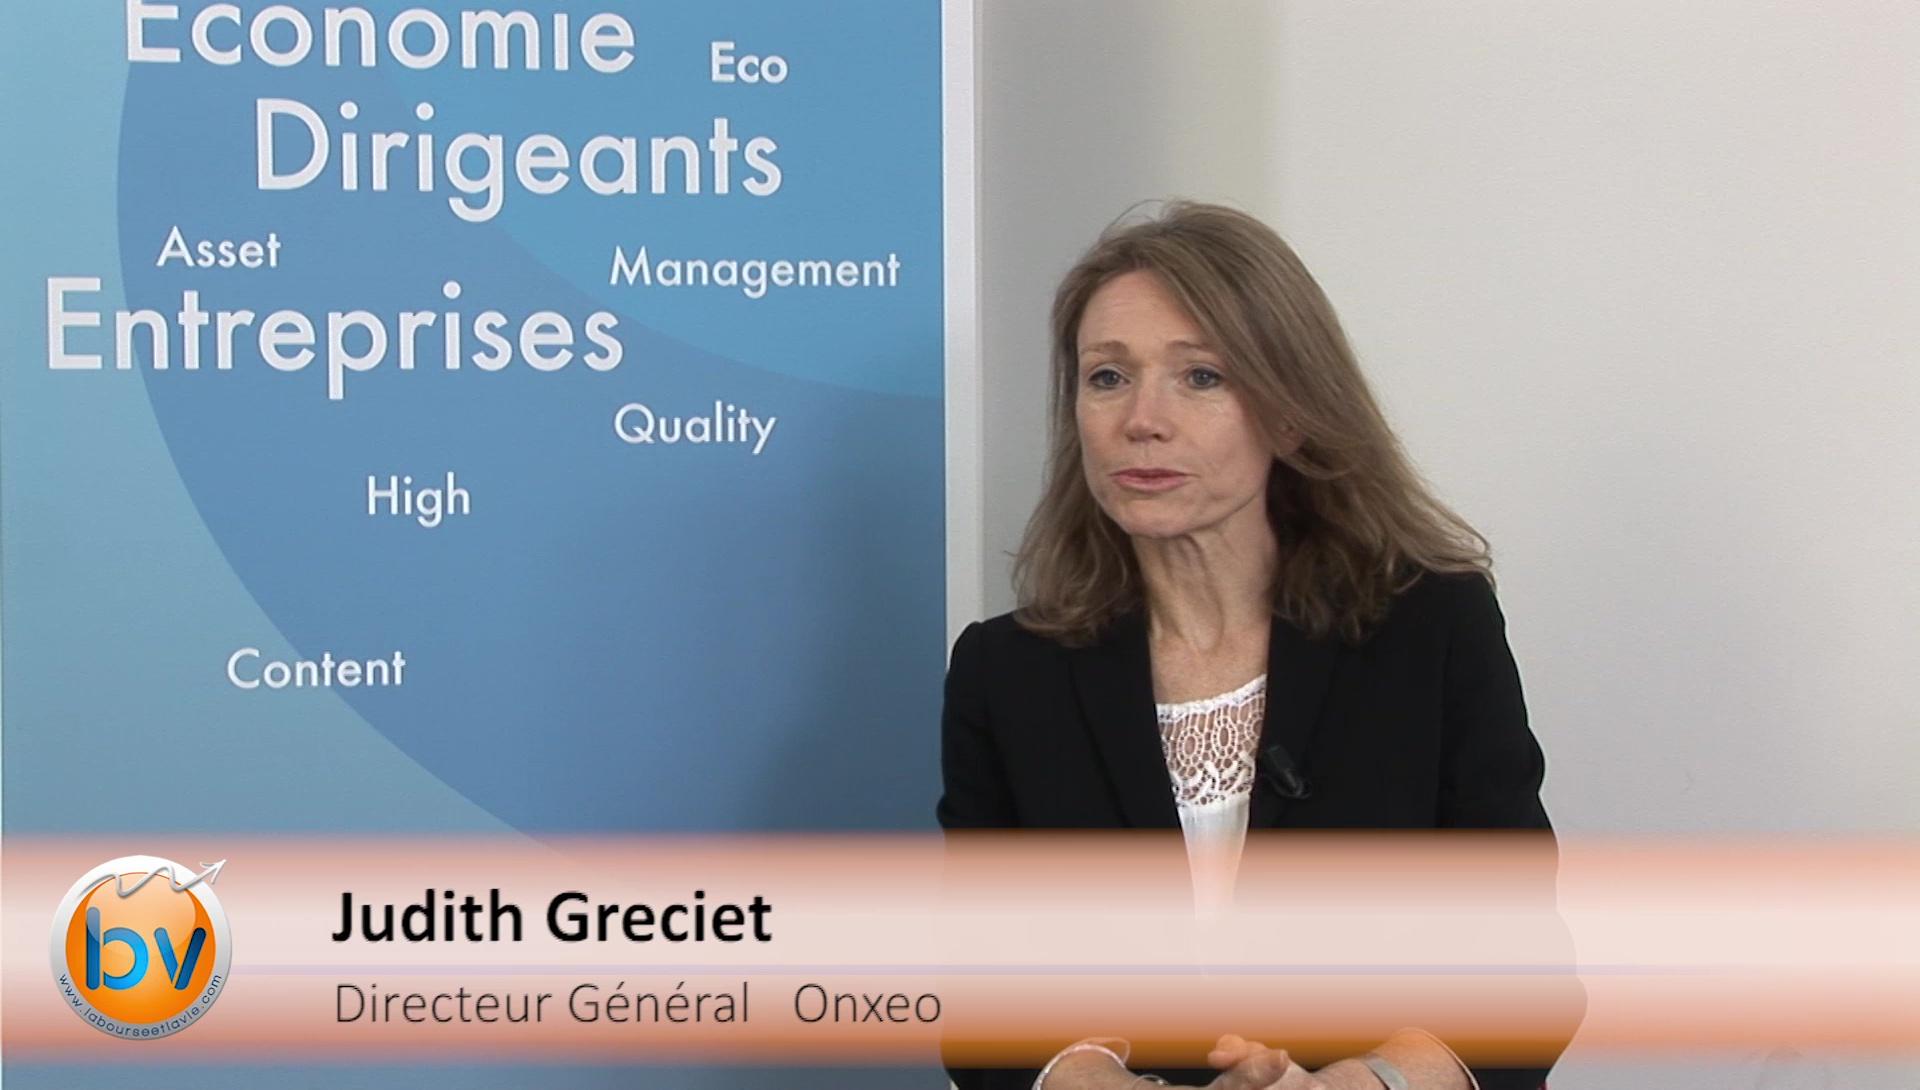 """Judith Greciet Directrice Générale Onxeo : """"Notre rôle c'est de délivrer une valeur qui in fine sera reconnue par le marché"""""""